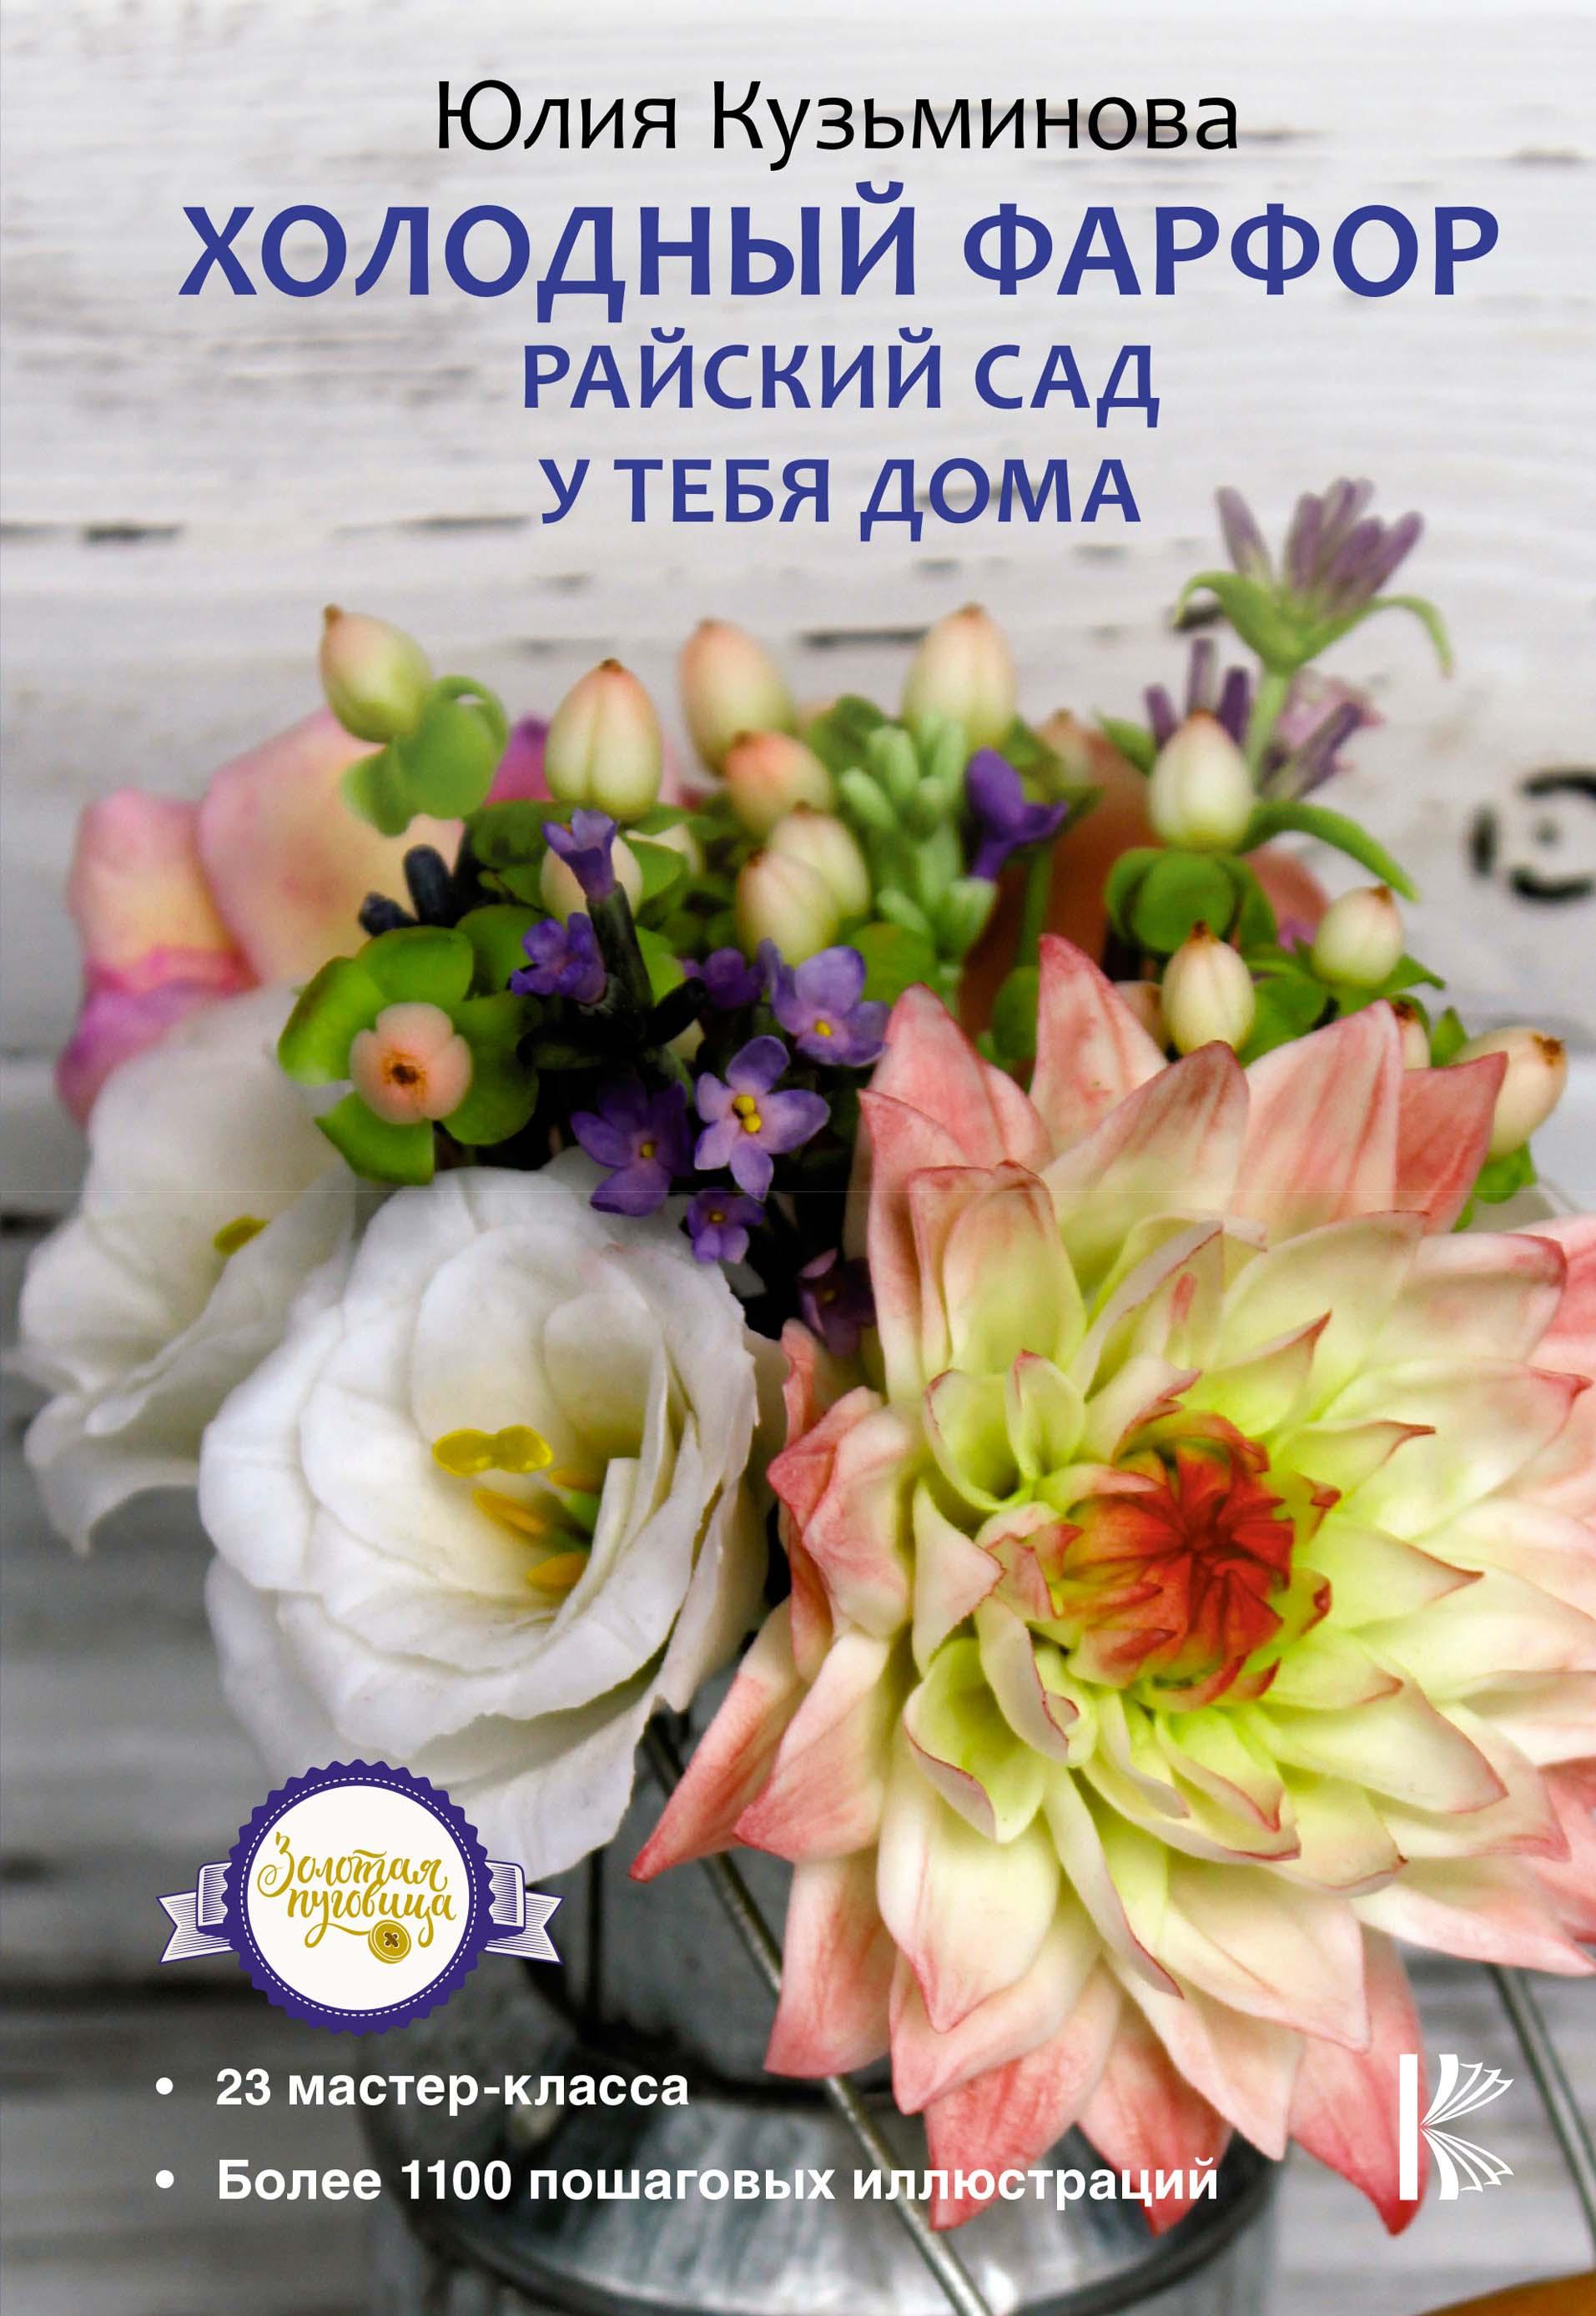 Купить книгу Холодный фарфор. Райский сад у тебя дома, автора Юлии Кузьминовой